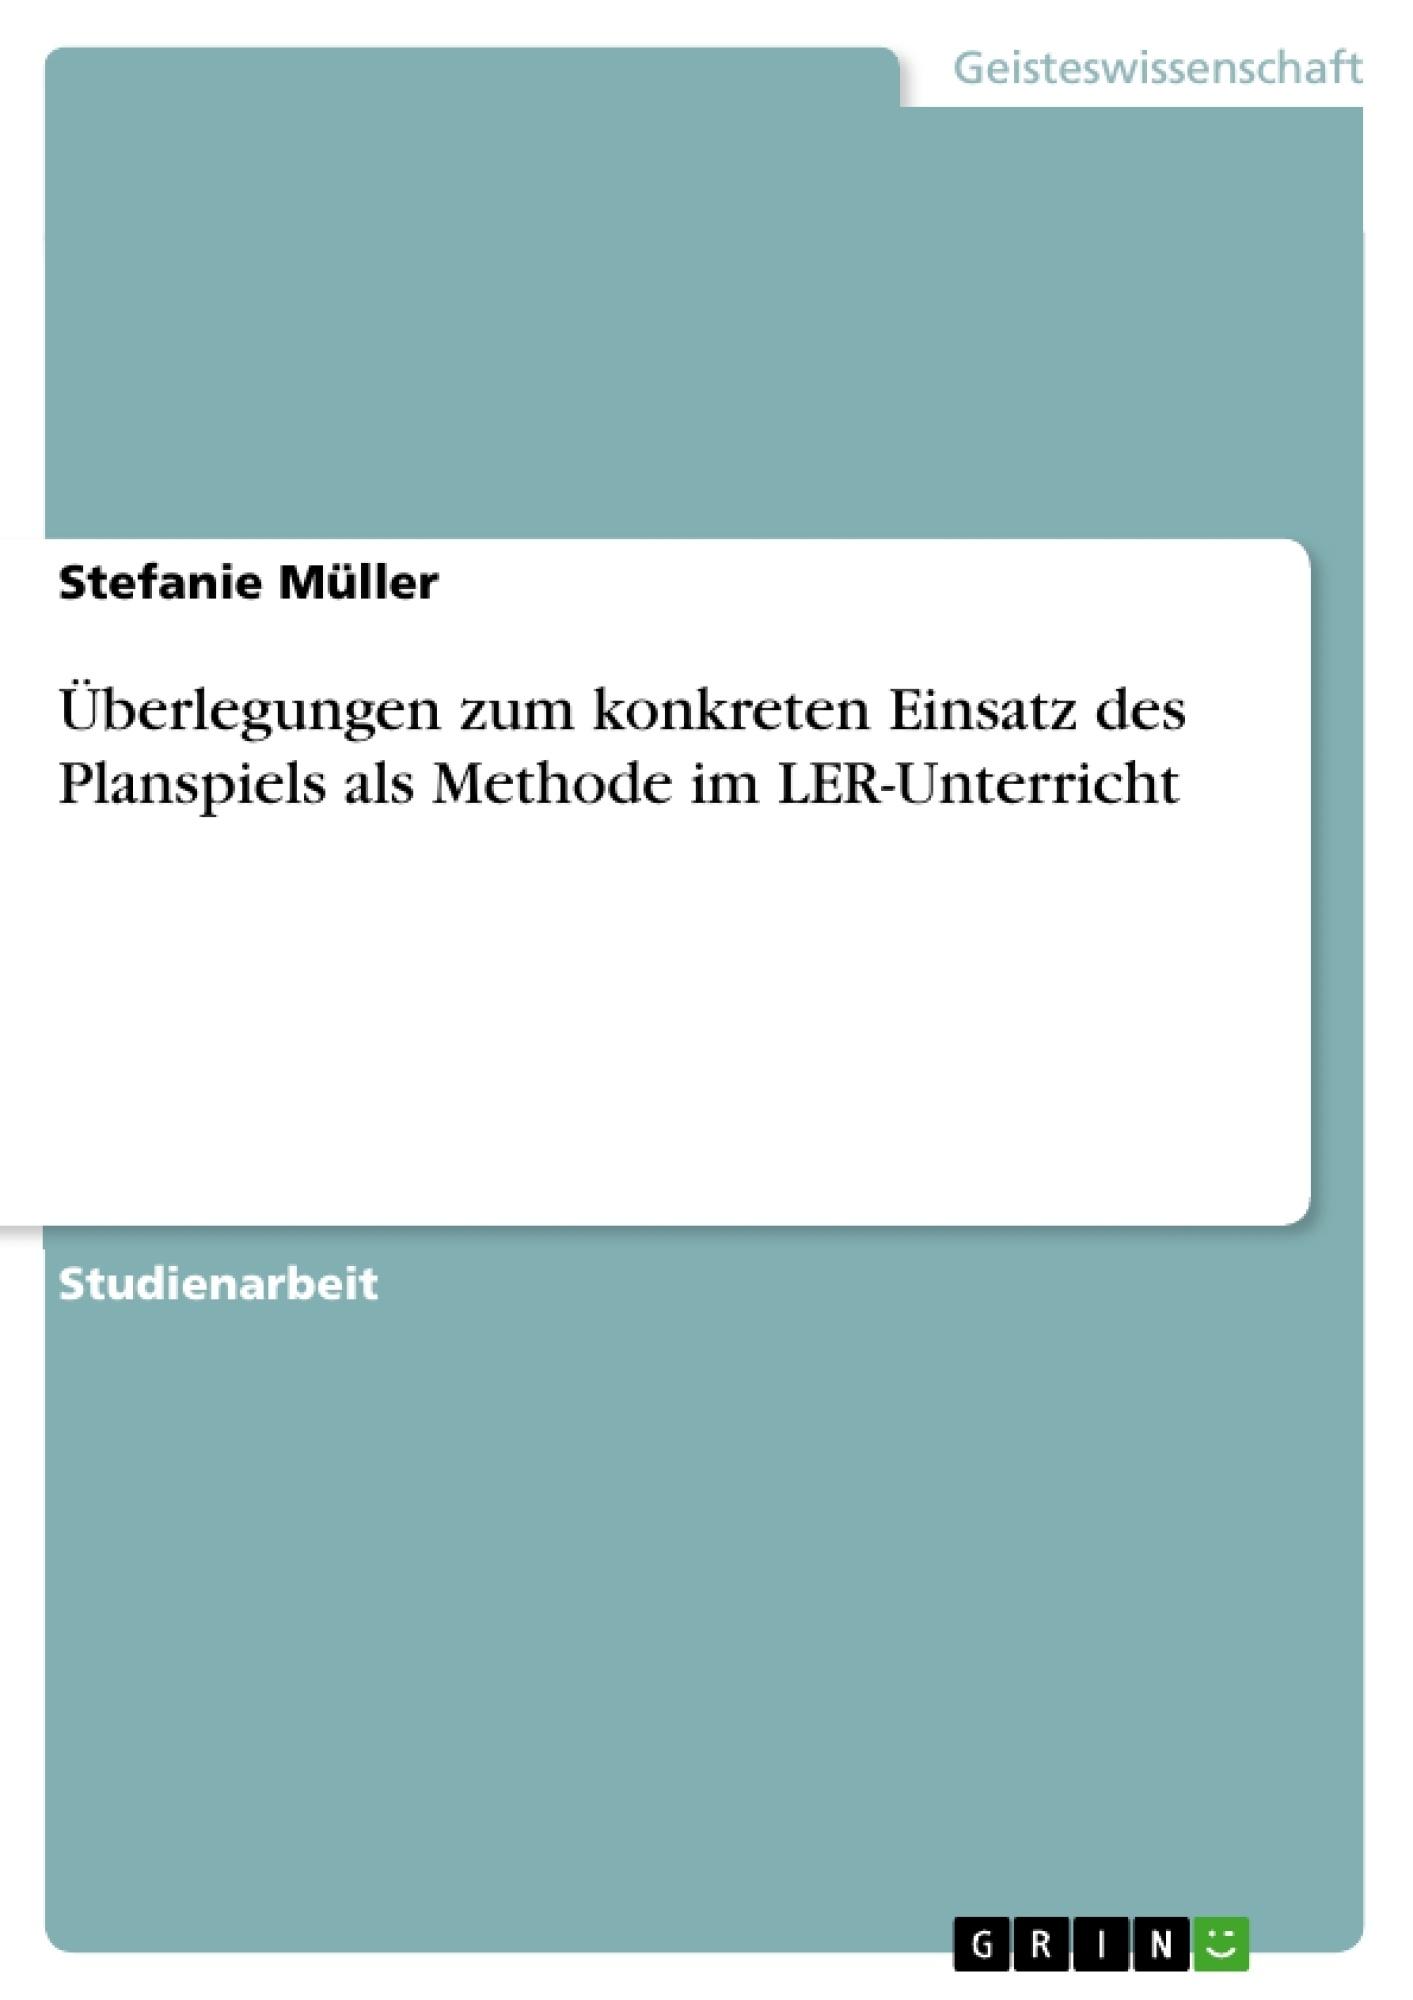 Titel: Überlegungen zum konkreten Einsatz des Planspiels als Methode im LER-Unterricht